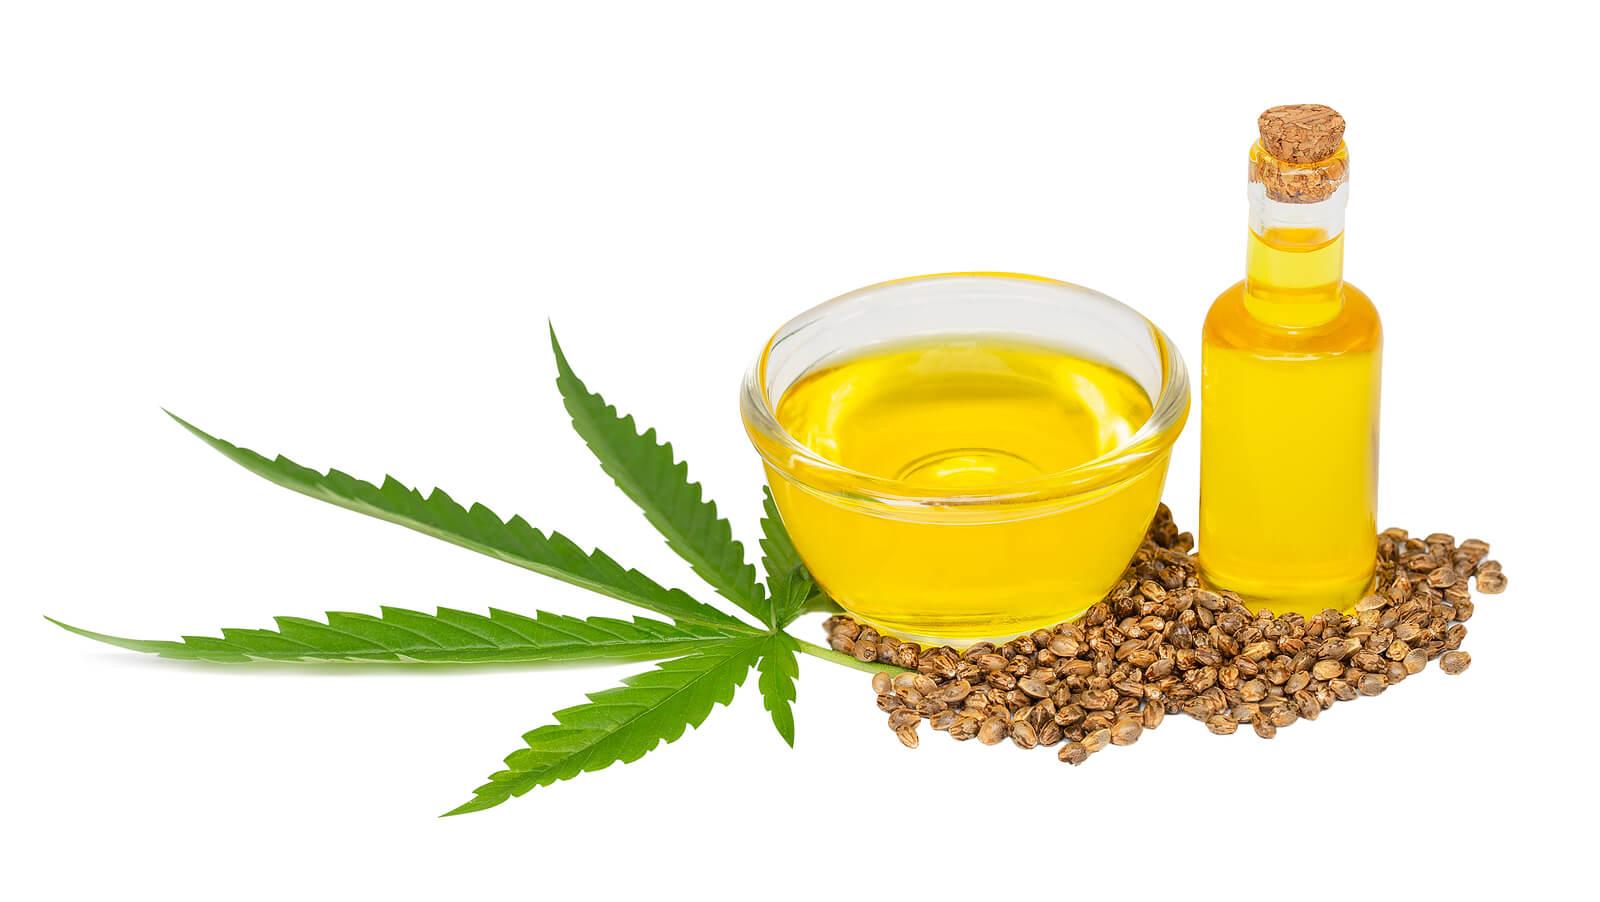 Buy Marijuana Seeds In Vancouver